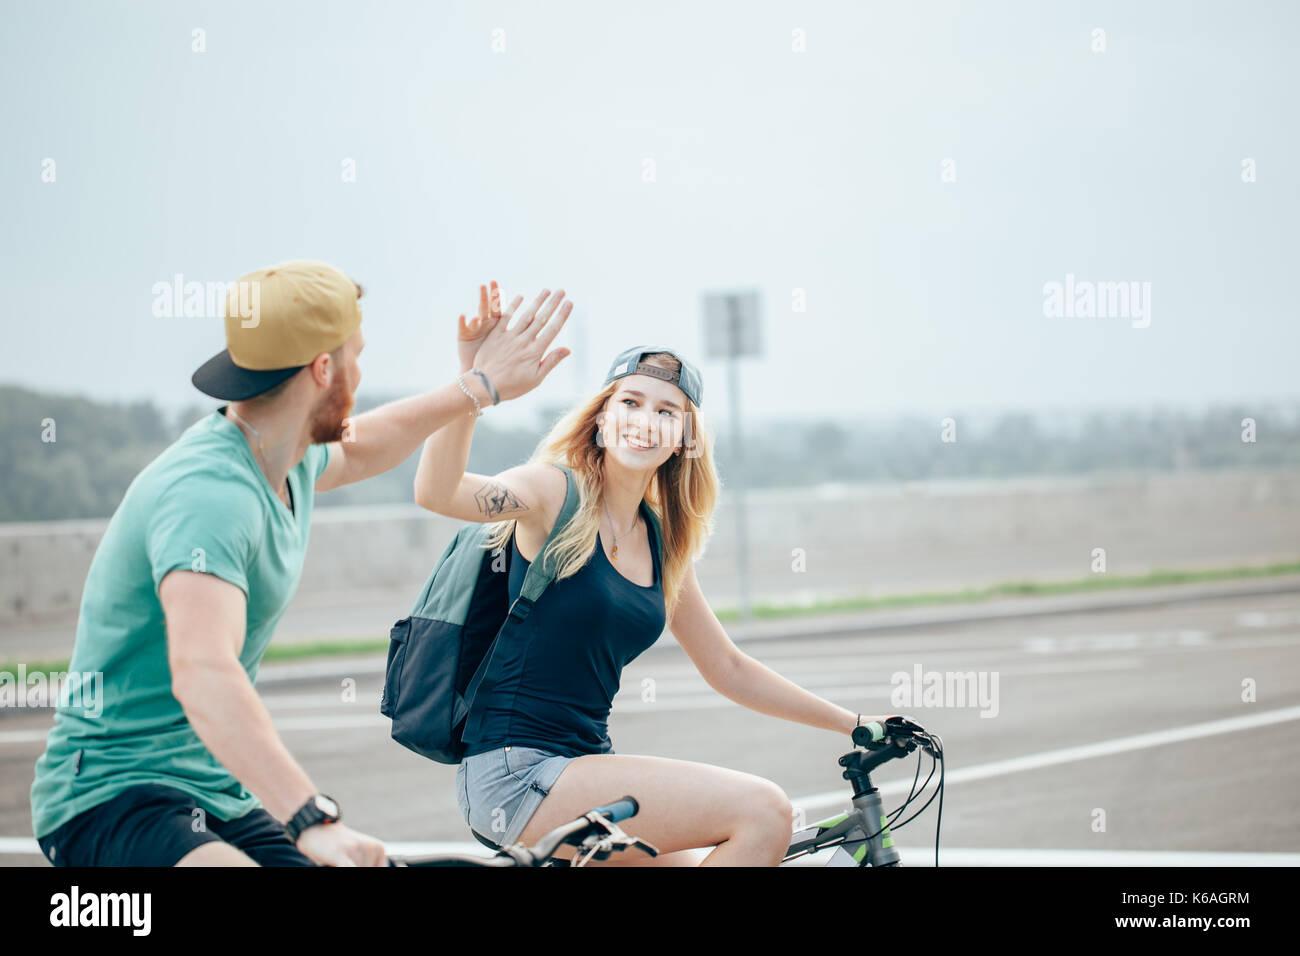 Montare il ciclista giovane permanente al vertice fiving elevata in una giornata di sole Foto Stock